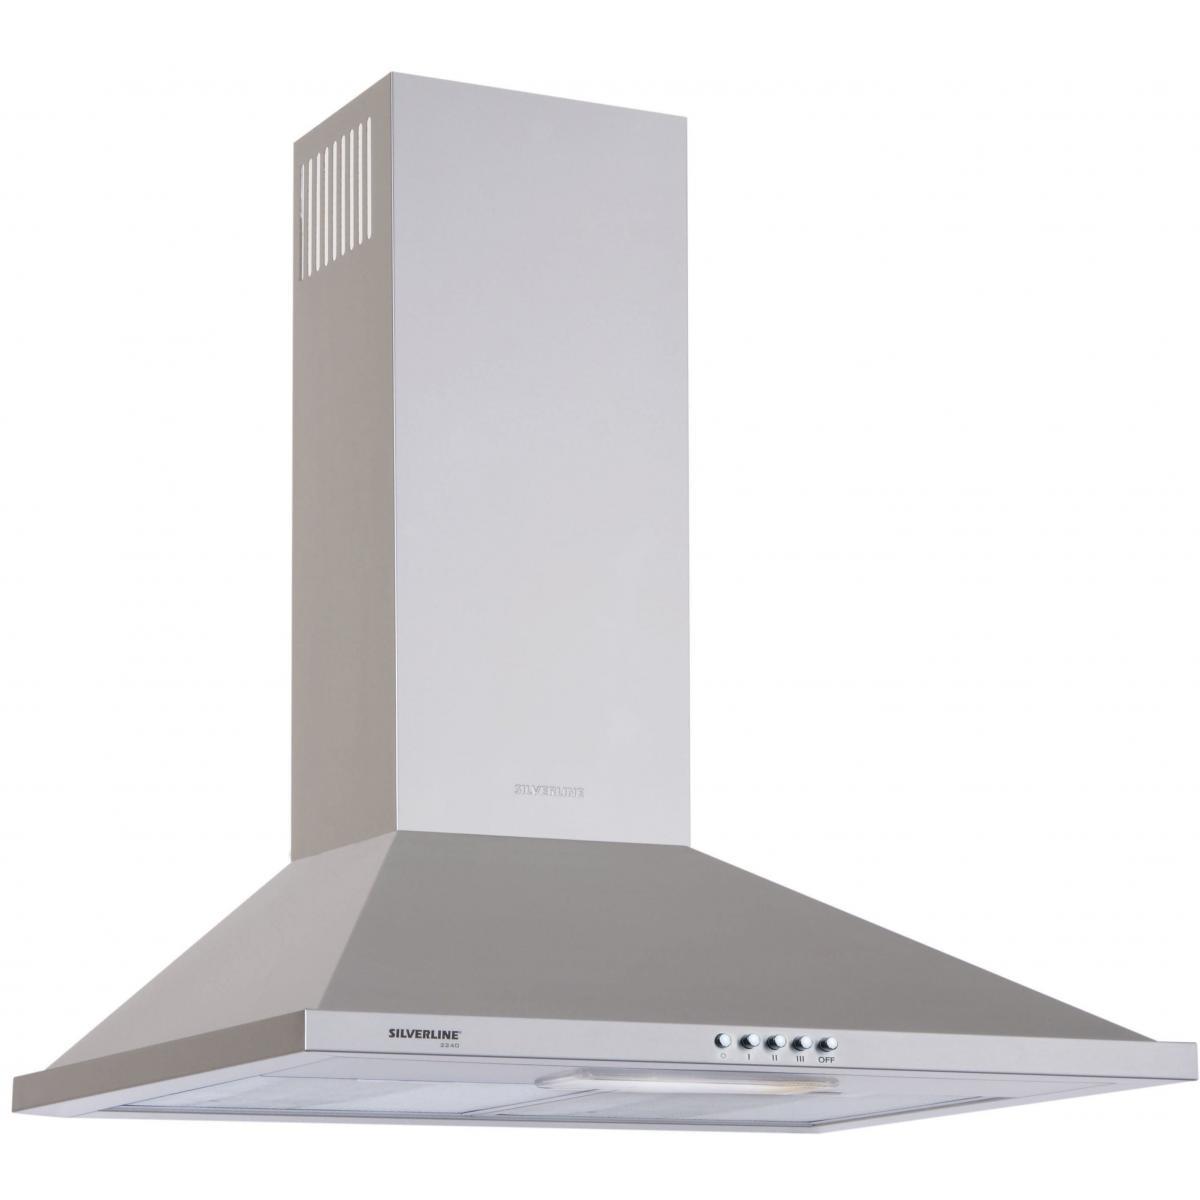 Silver silverline - h10060015